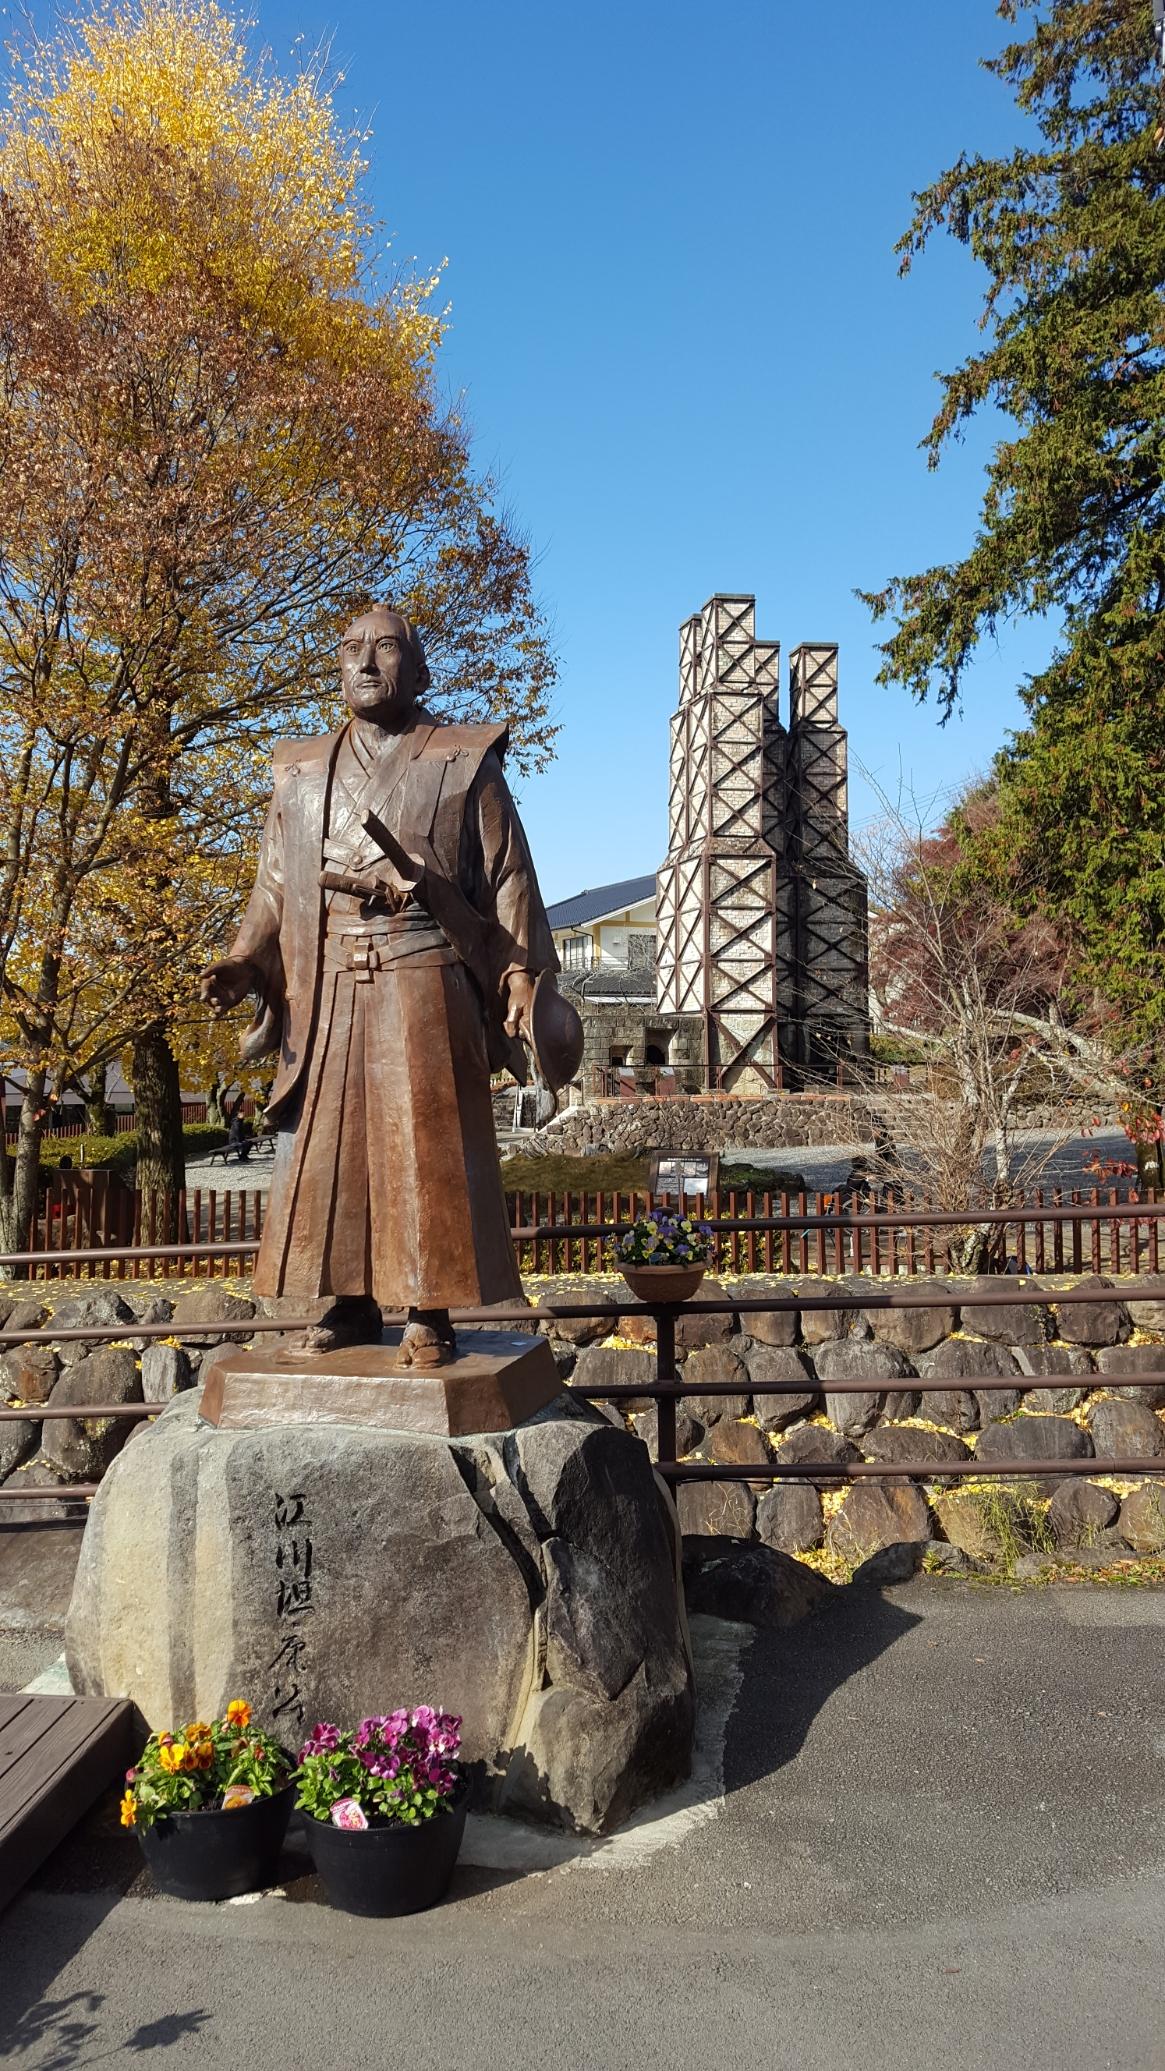 韮山反射炉の川を挟んだ対岸には、この地を作り日本の近代化の為に尽力した「韮山代官江川」の銅像が建てられています。 この反射炉がどれほど日本の近代化に貢献したかは私では分かりませんが、先人たちの多大なる努力により、幕末の動乱を乗り越え日本を支えてくれました。 今では先進国の技術大国、経済大国となった日本の原点とも言える当時の息吹がここにはありました。 皆様も是非この地を訪れられる事をお勧めします!御精読有難うございました。